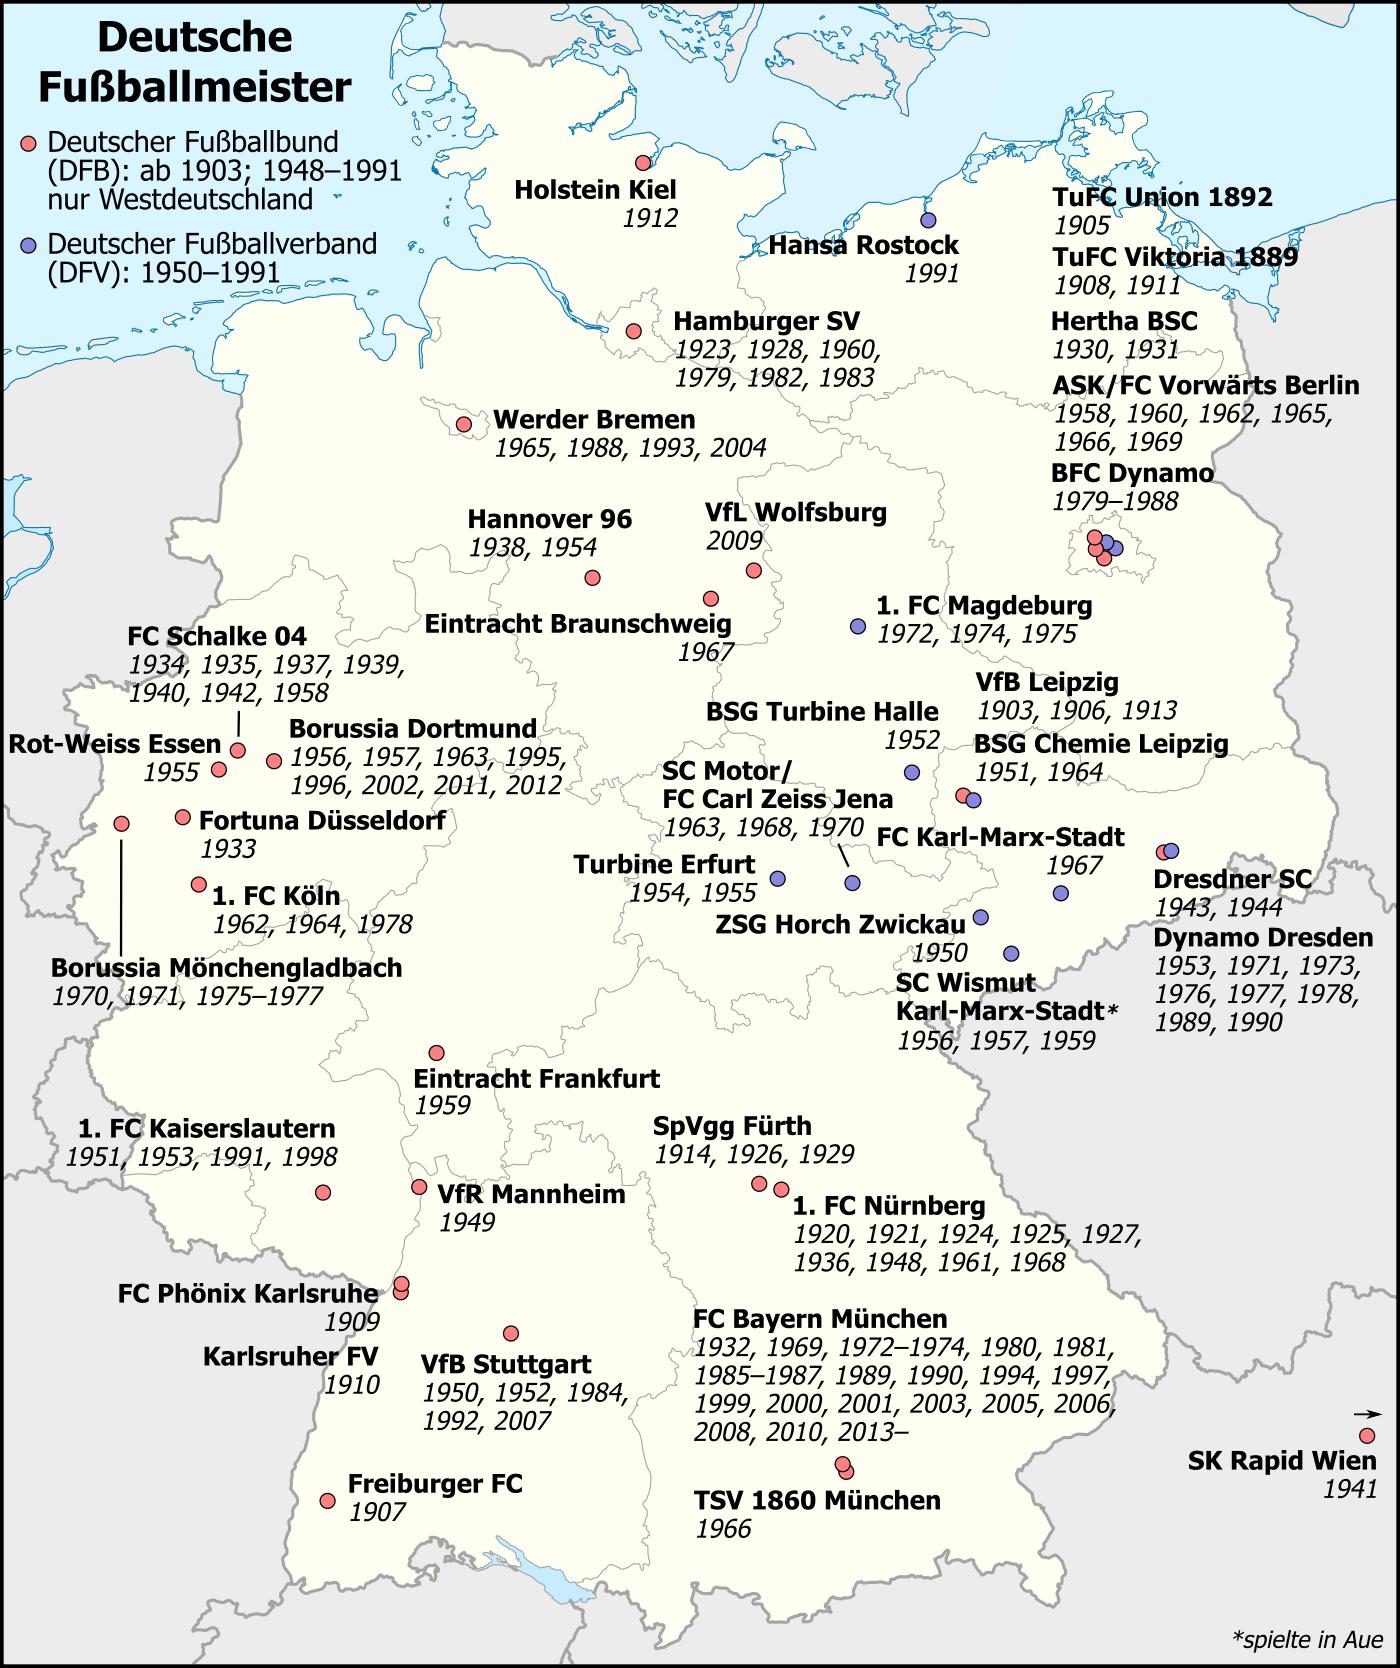 Karte-Deutsche-Fussballmeister.png